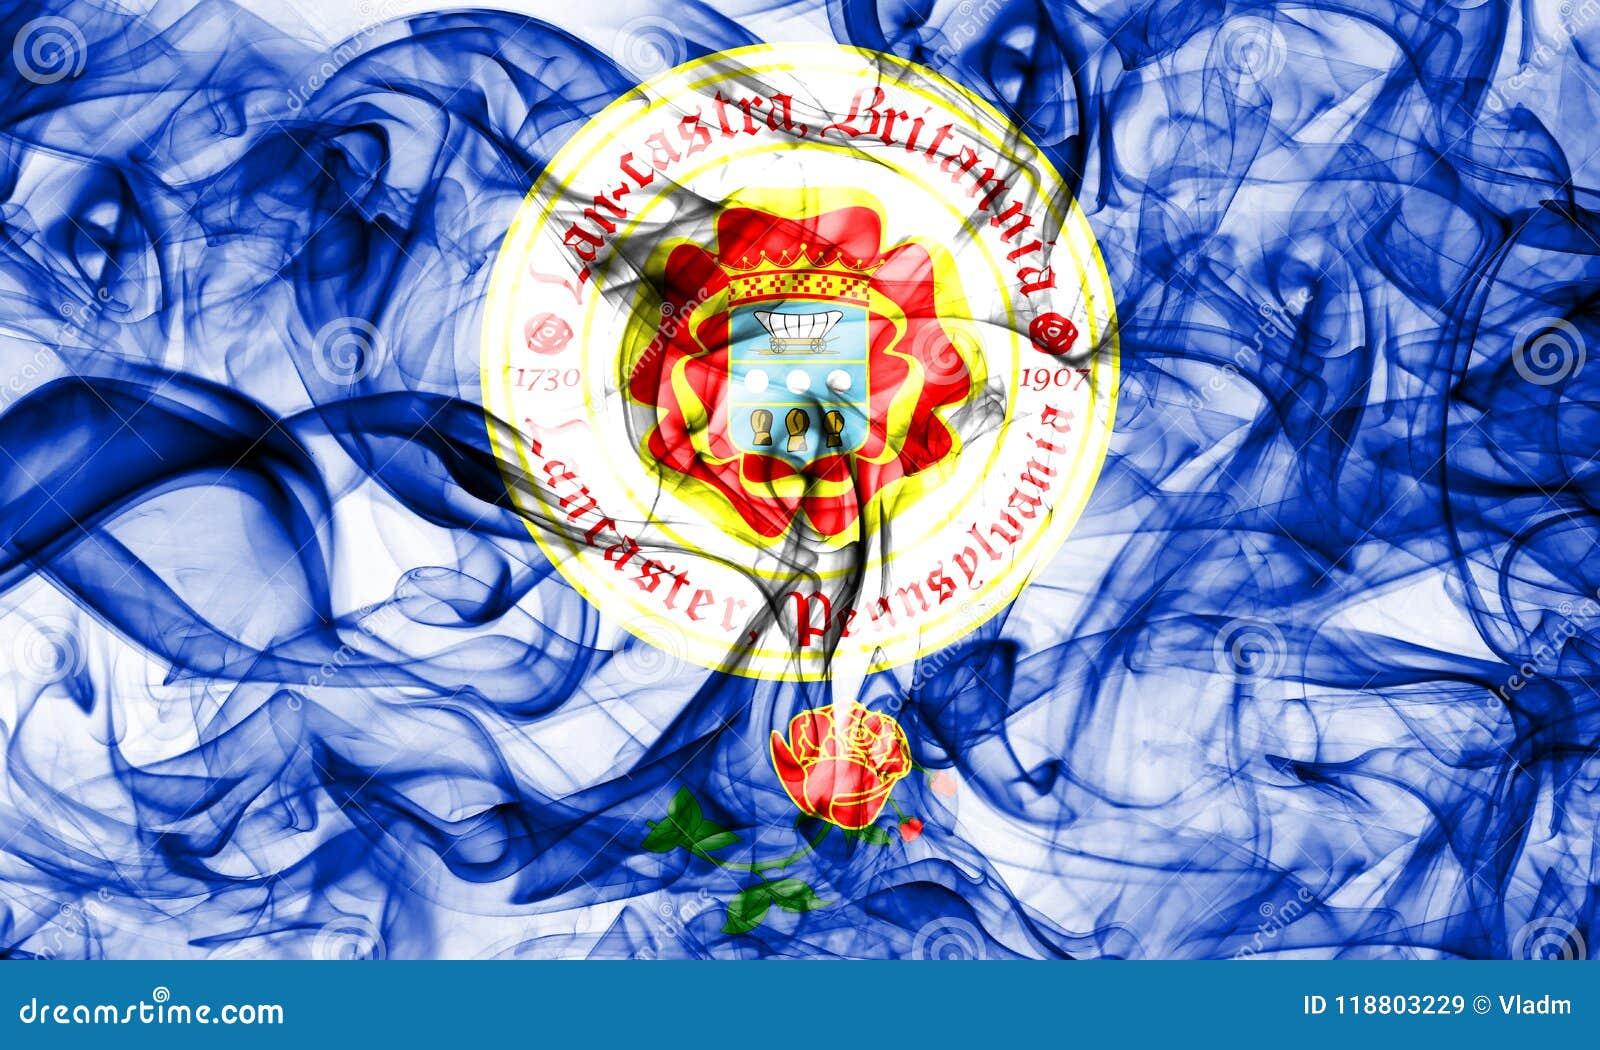 Флаг задымления городов Ланкастера, положение Пенсильвании, Соединенные Штаты Америки